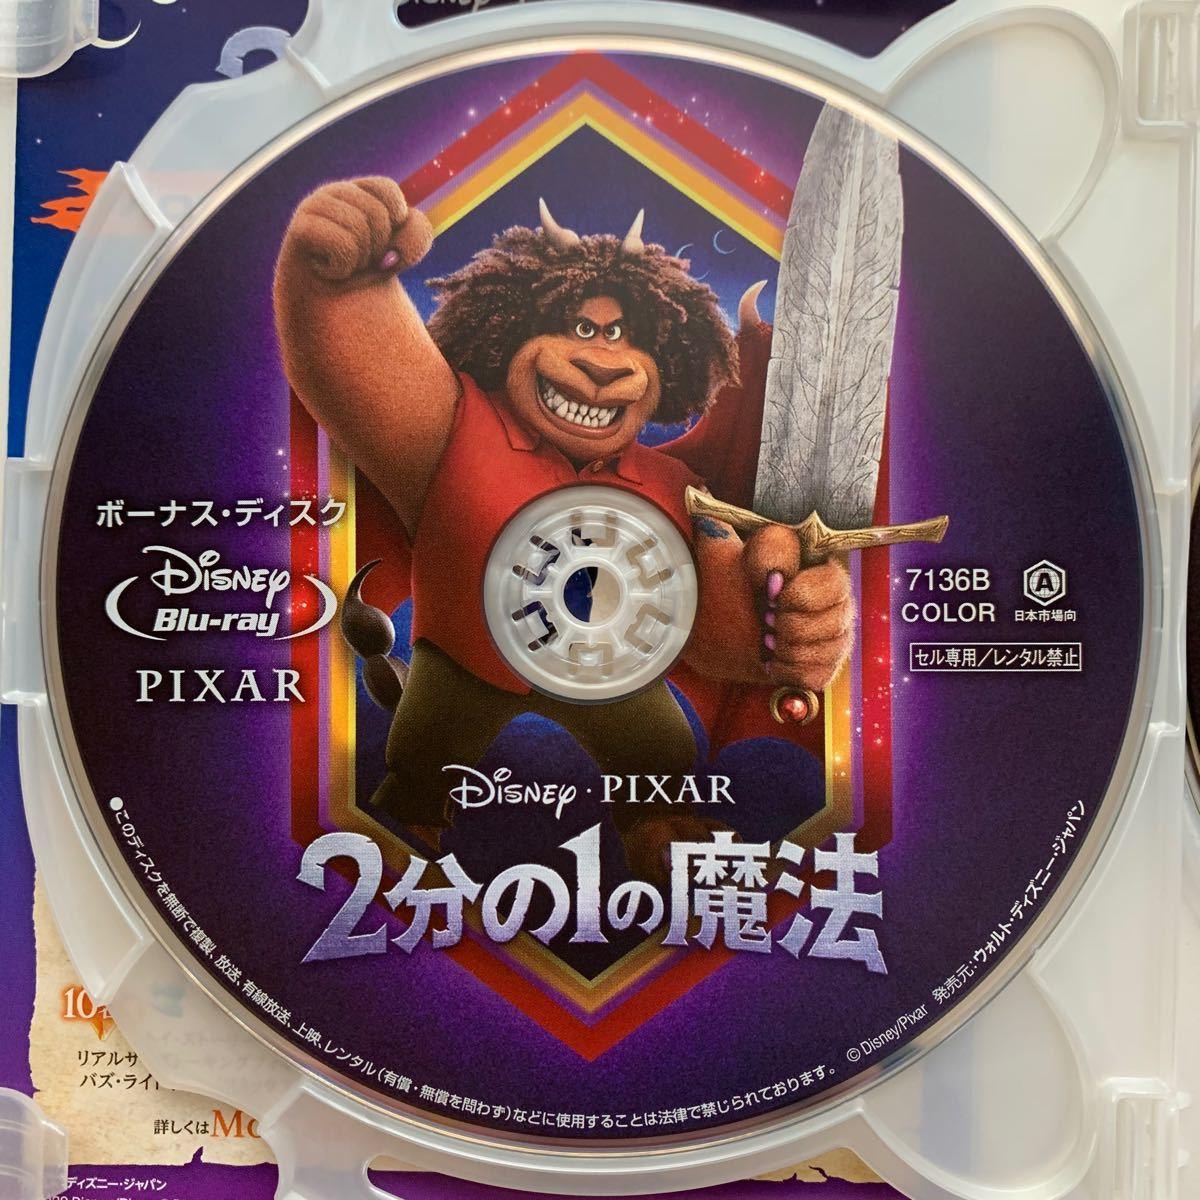 2分の1の魔法 ブルーレイ + 純正ケース 国内正規版 新品未再生 ディズニー ピクサー